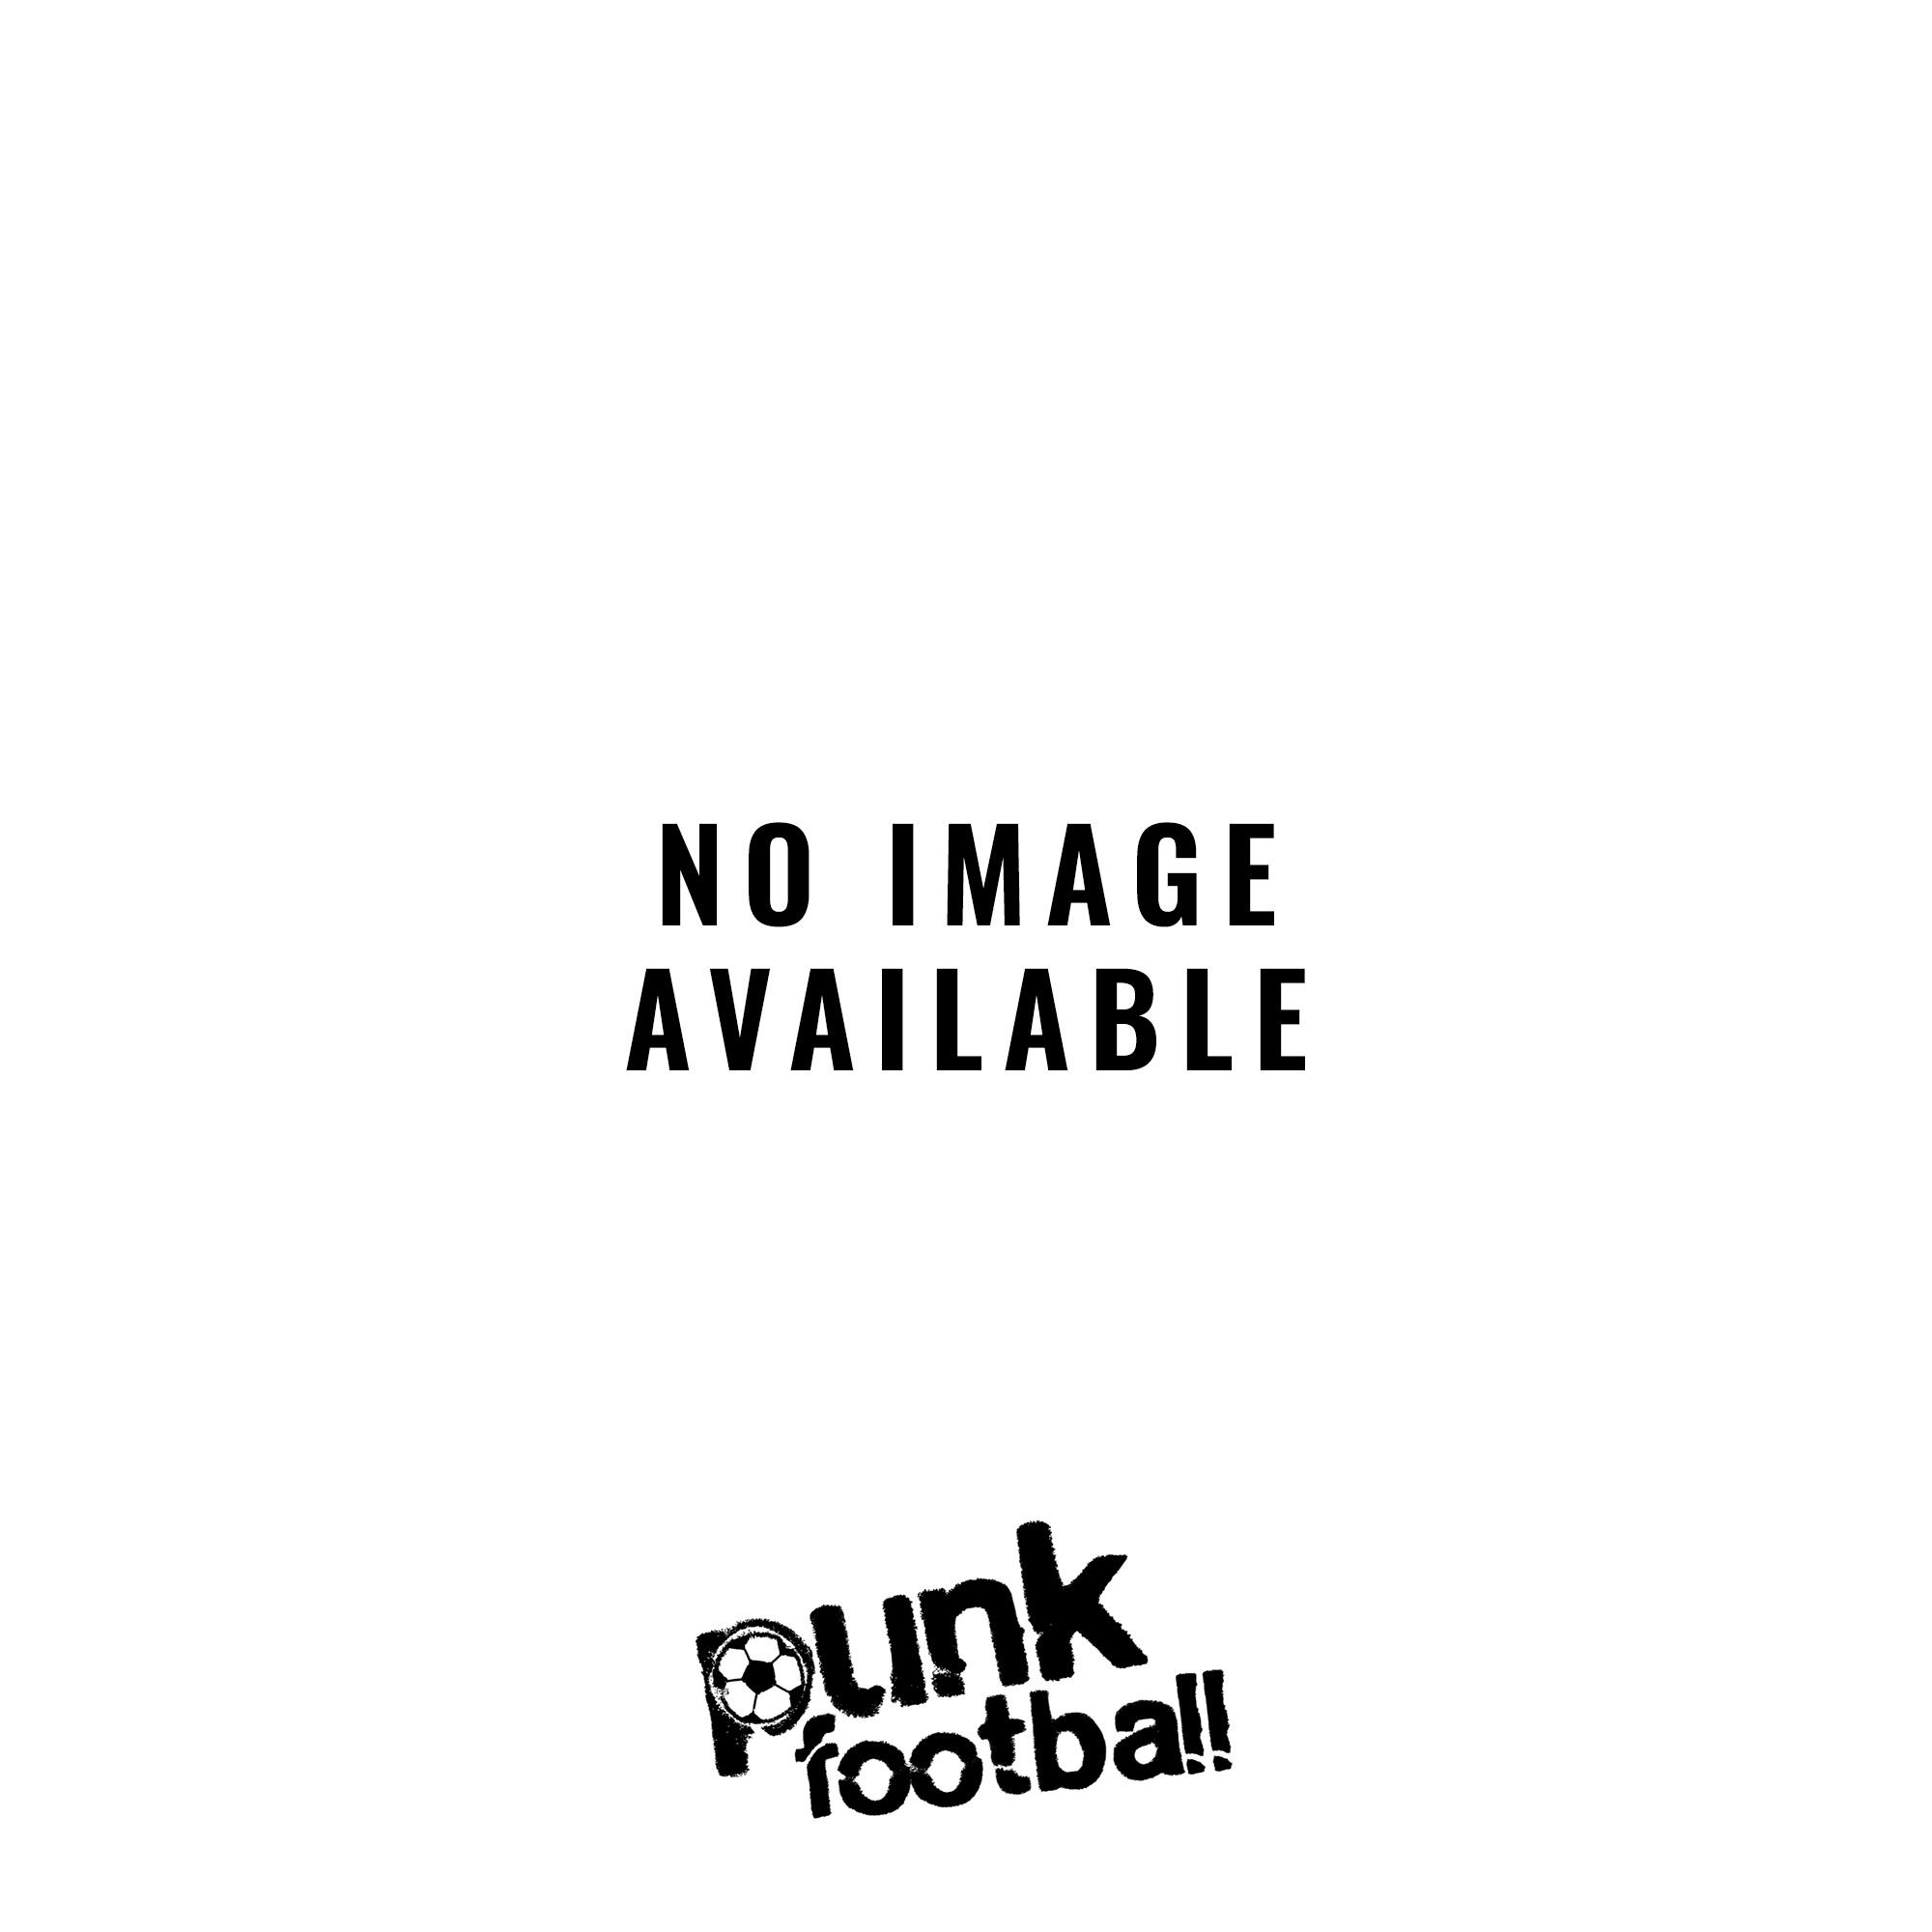 East Anglia (Norwich) T-Shirt